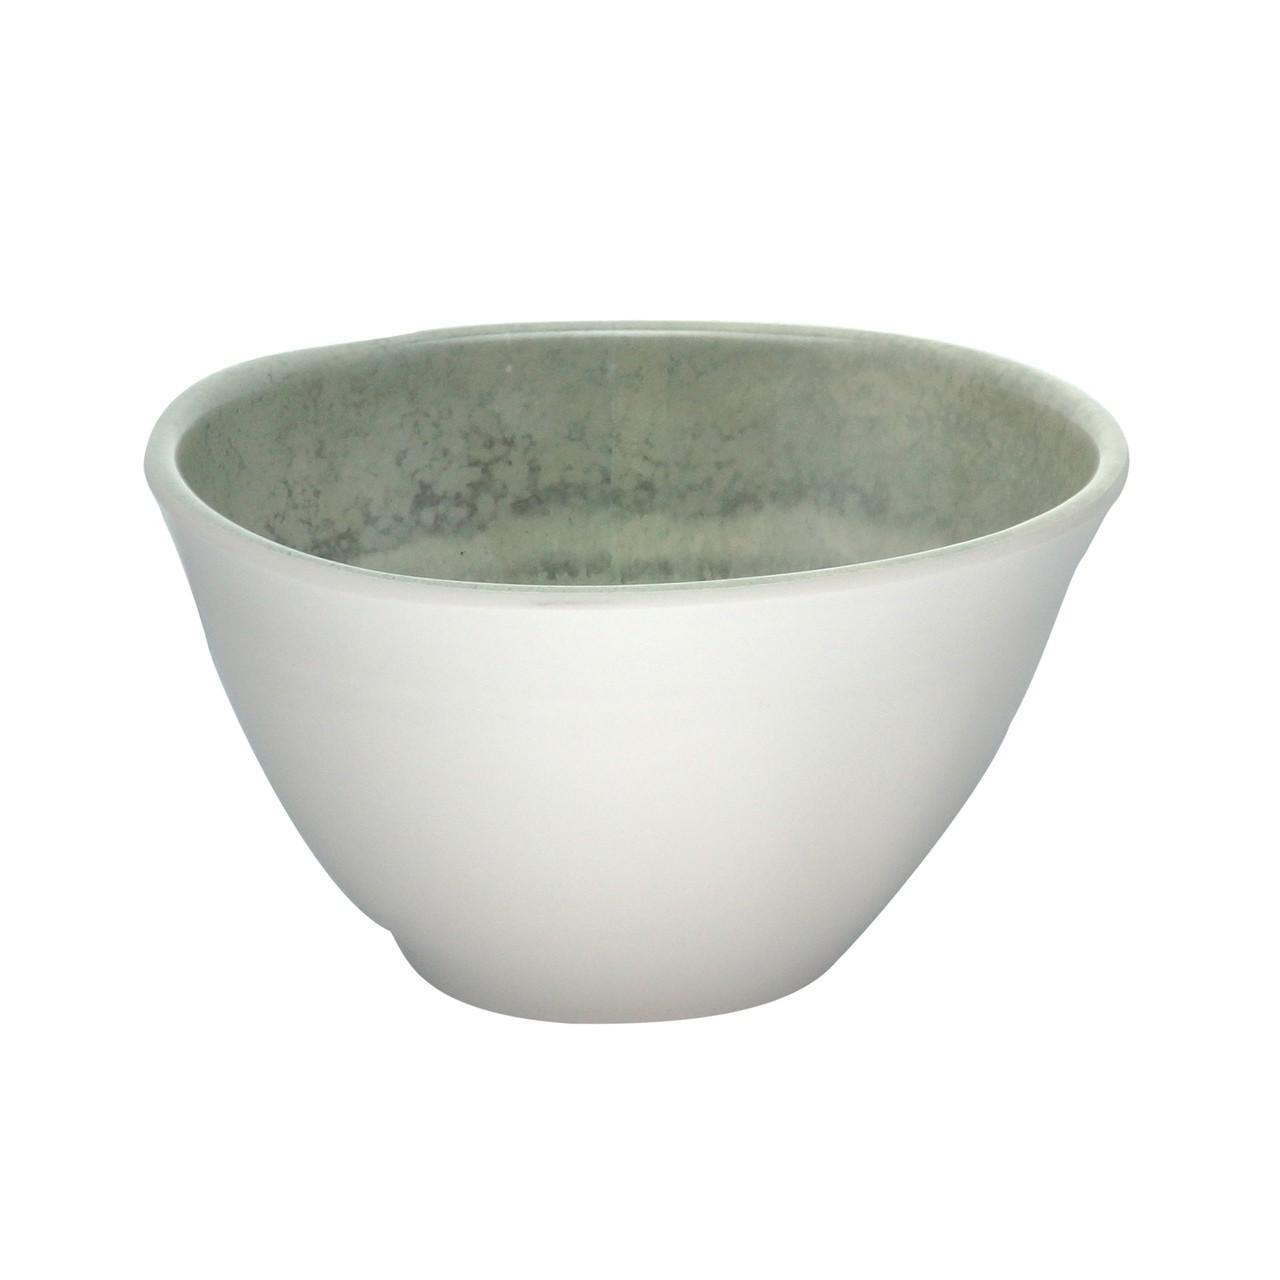 Saladeira Melamina Aqua - Cinza 25 cm